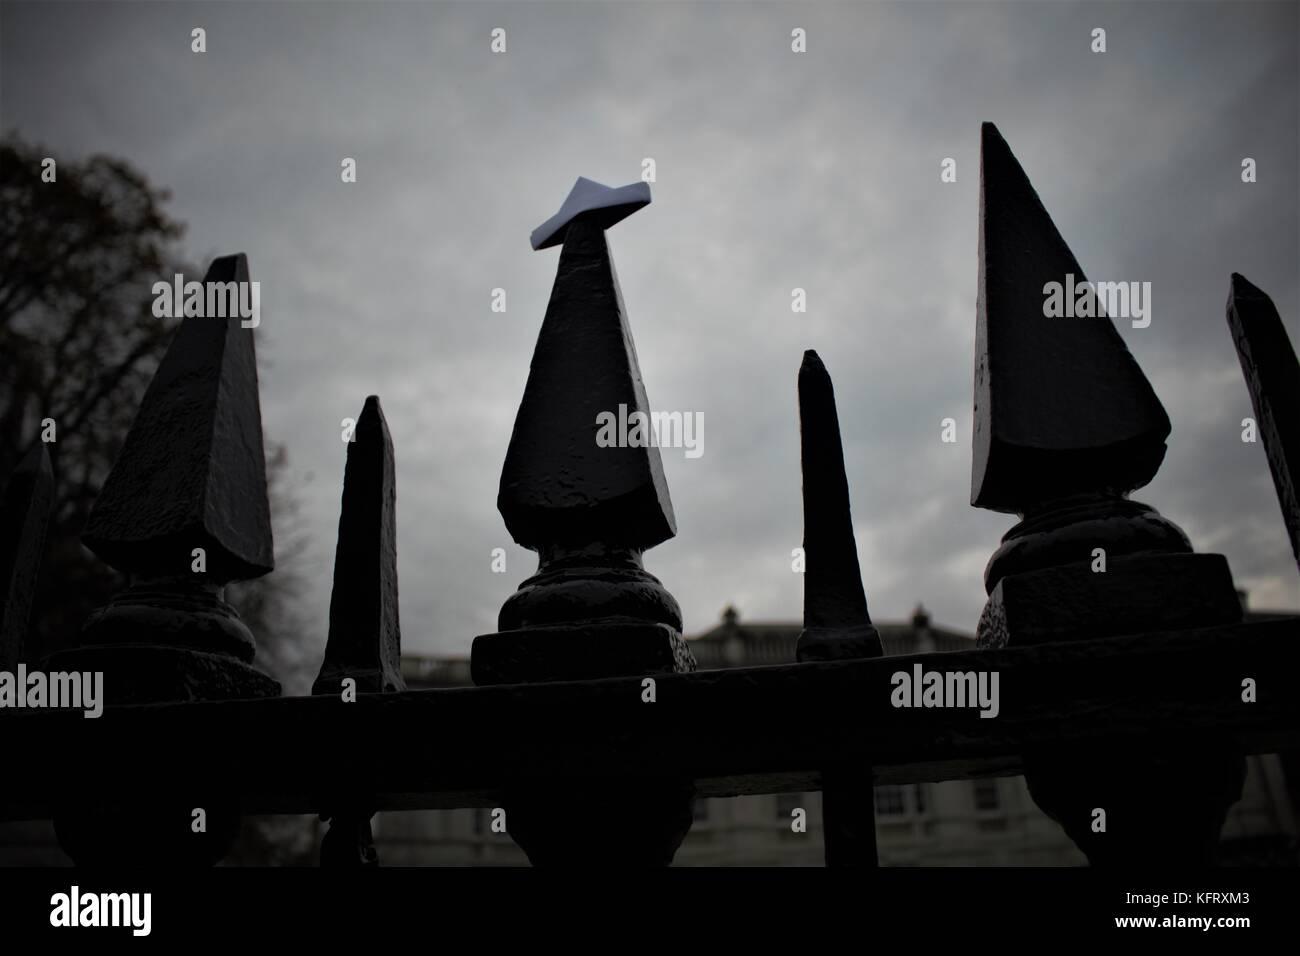 Eerie fence - Stock Image